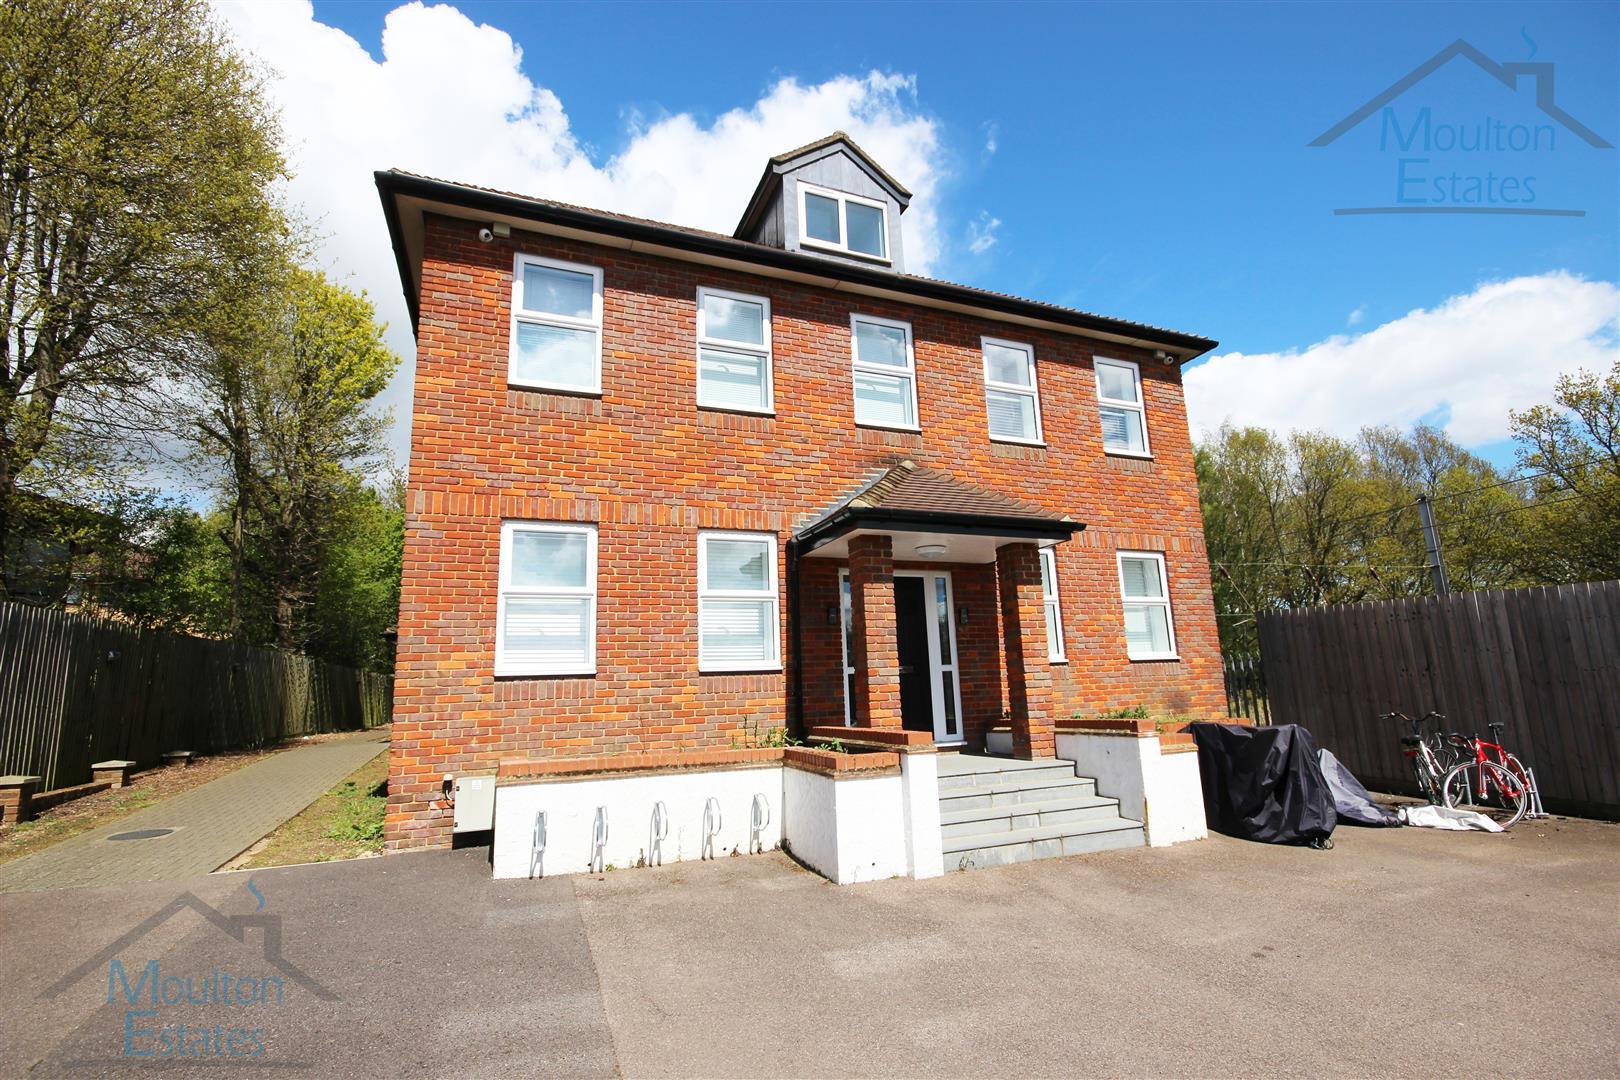 Porters Wood House, St Albans, AL3 6DG